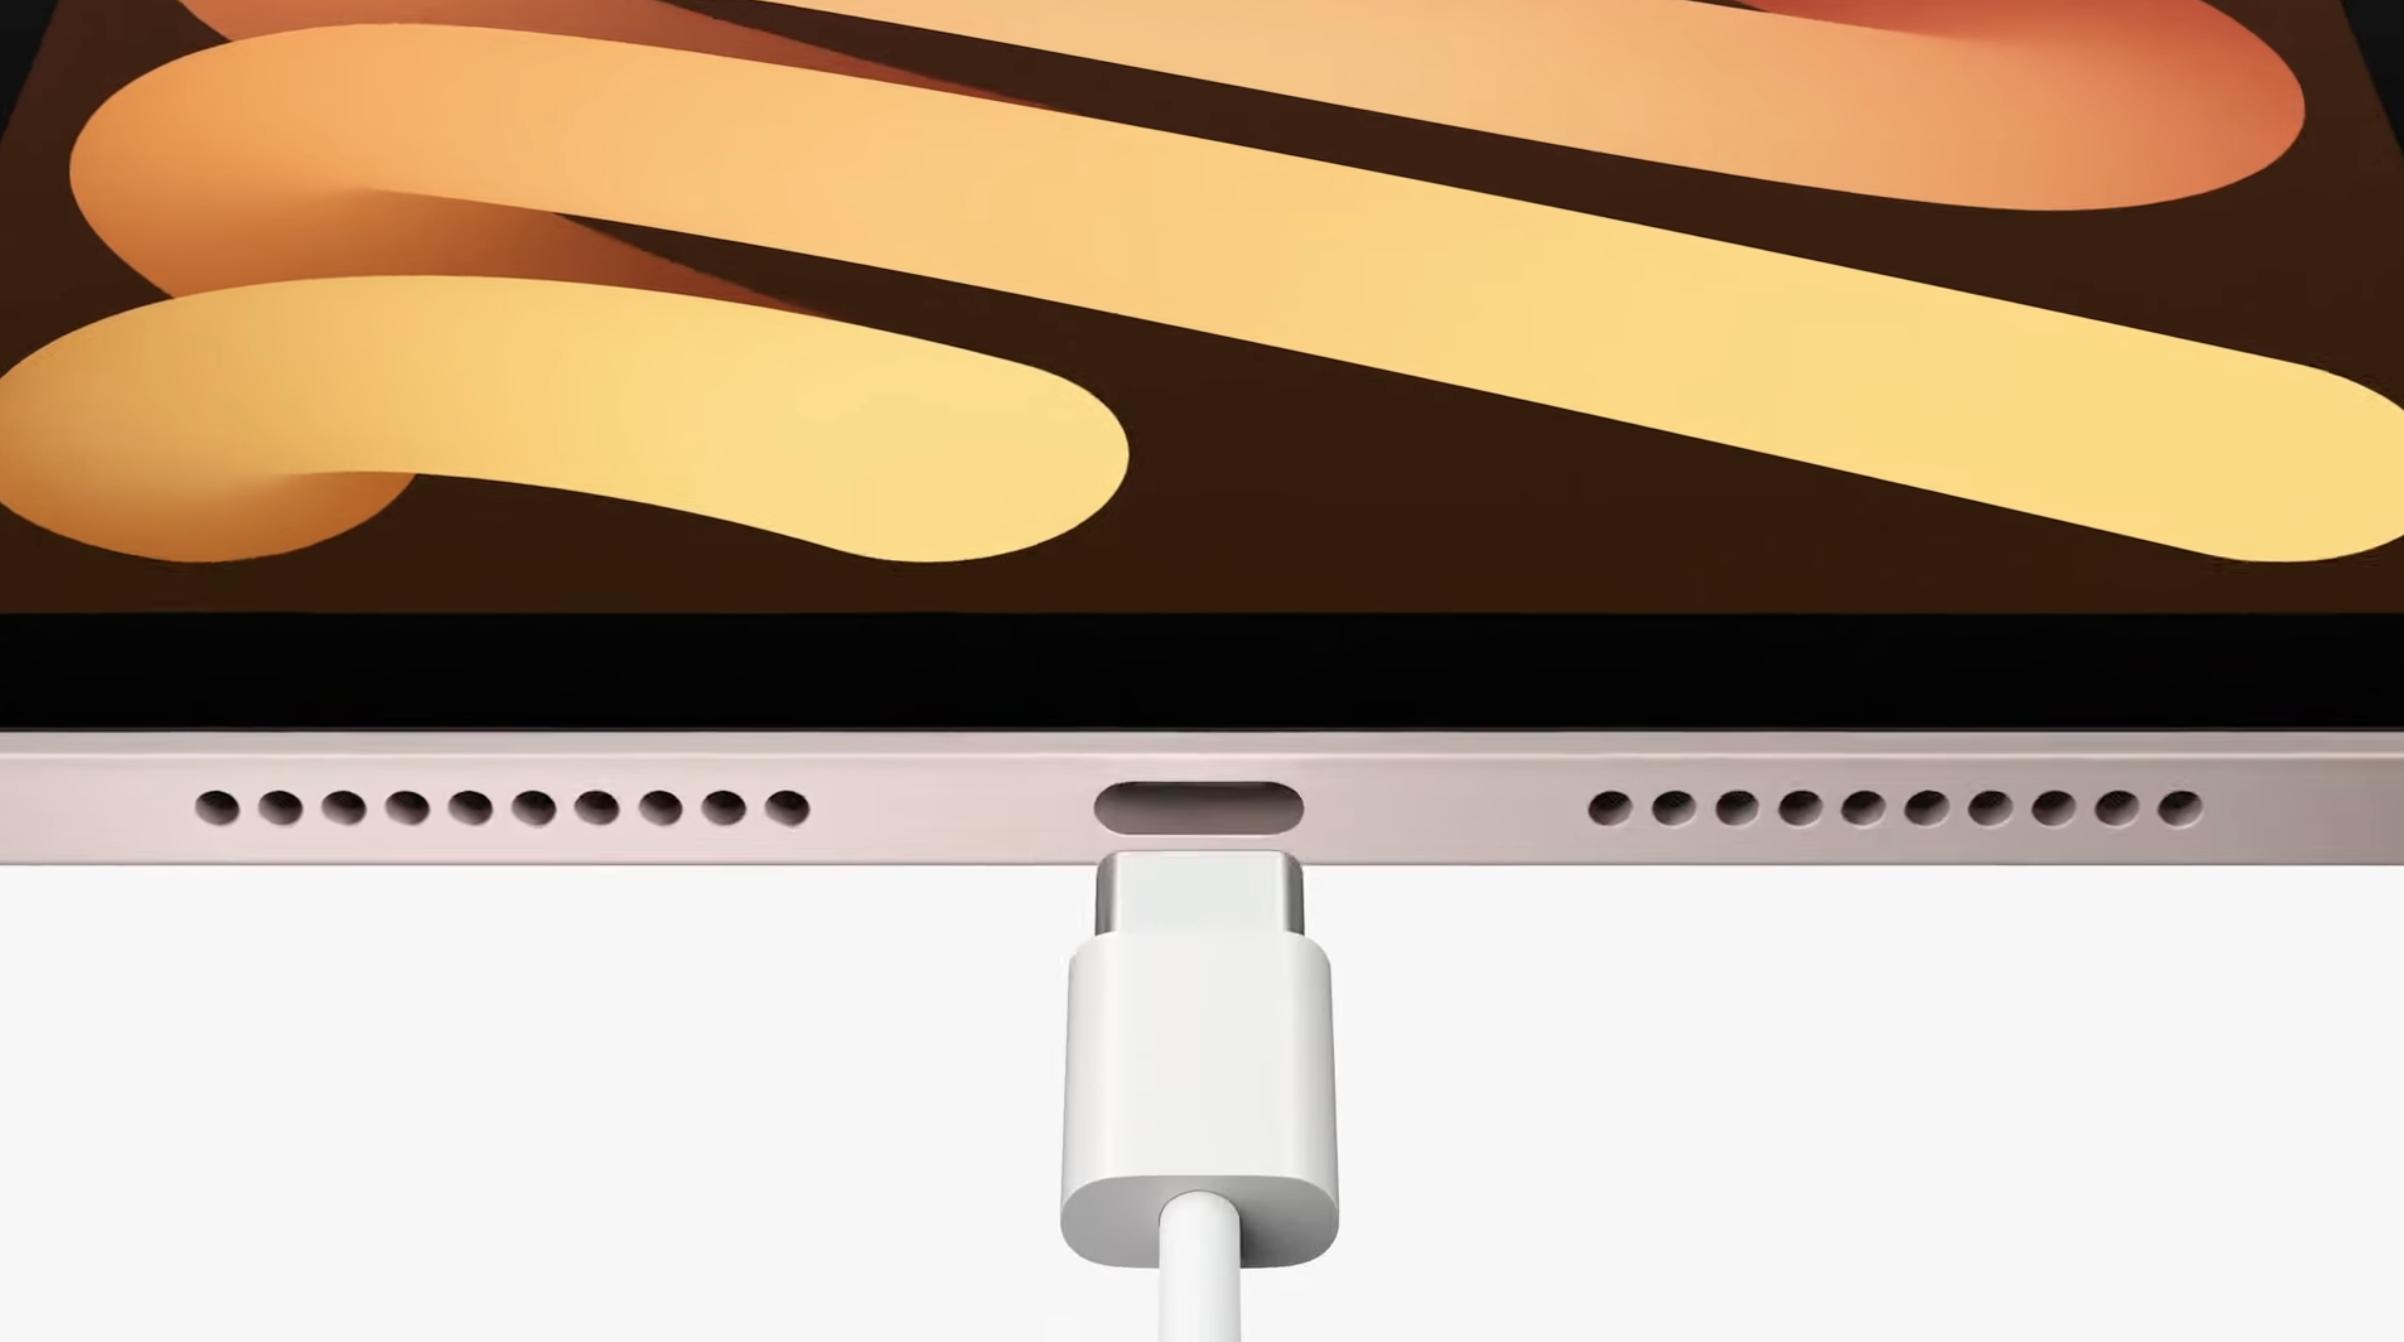 nouvel iPad mini vs iPad mini 5 - Comparaison des E/S